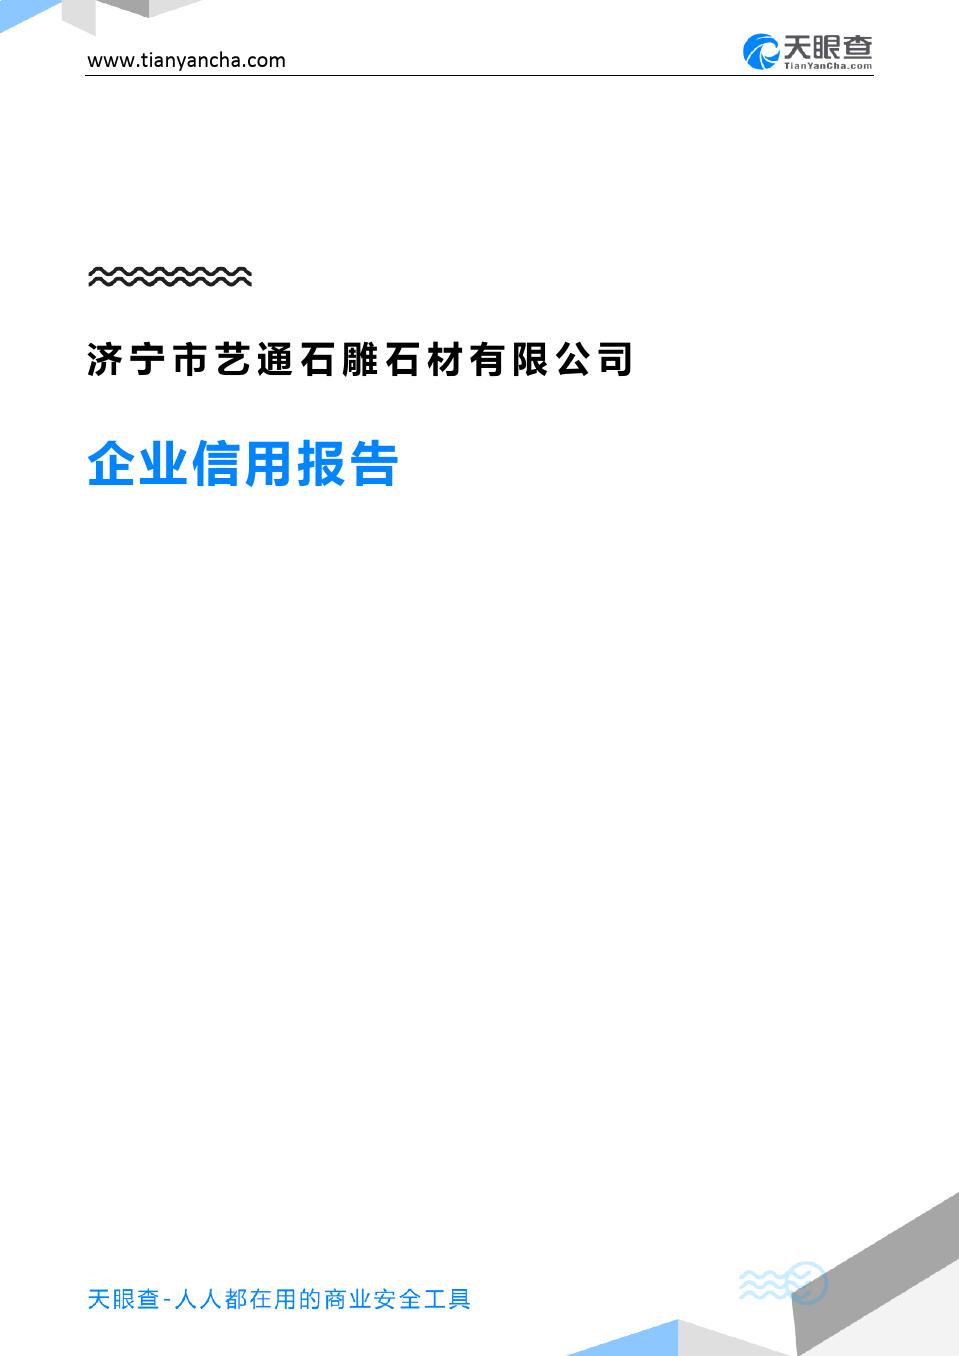 济宁市艺通石雕石材有限公司(企业信用报告)- 天眼查